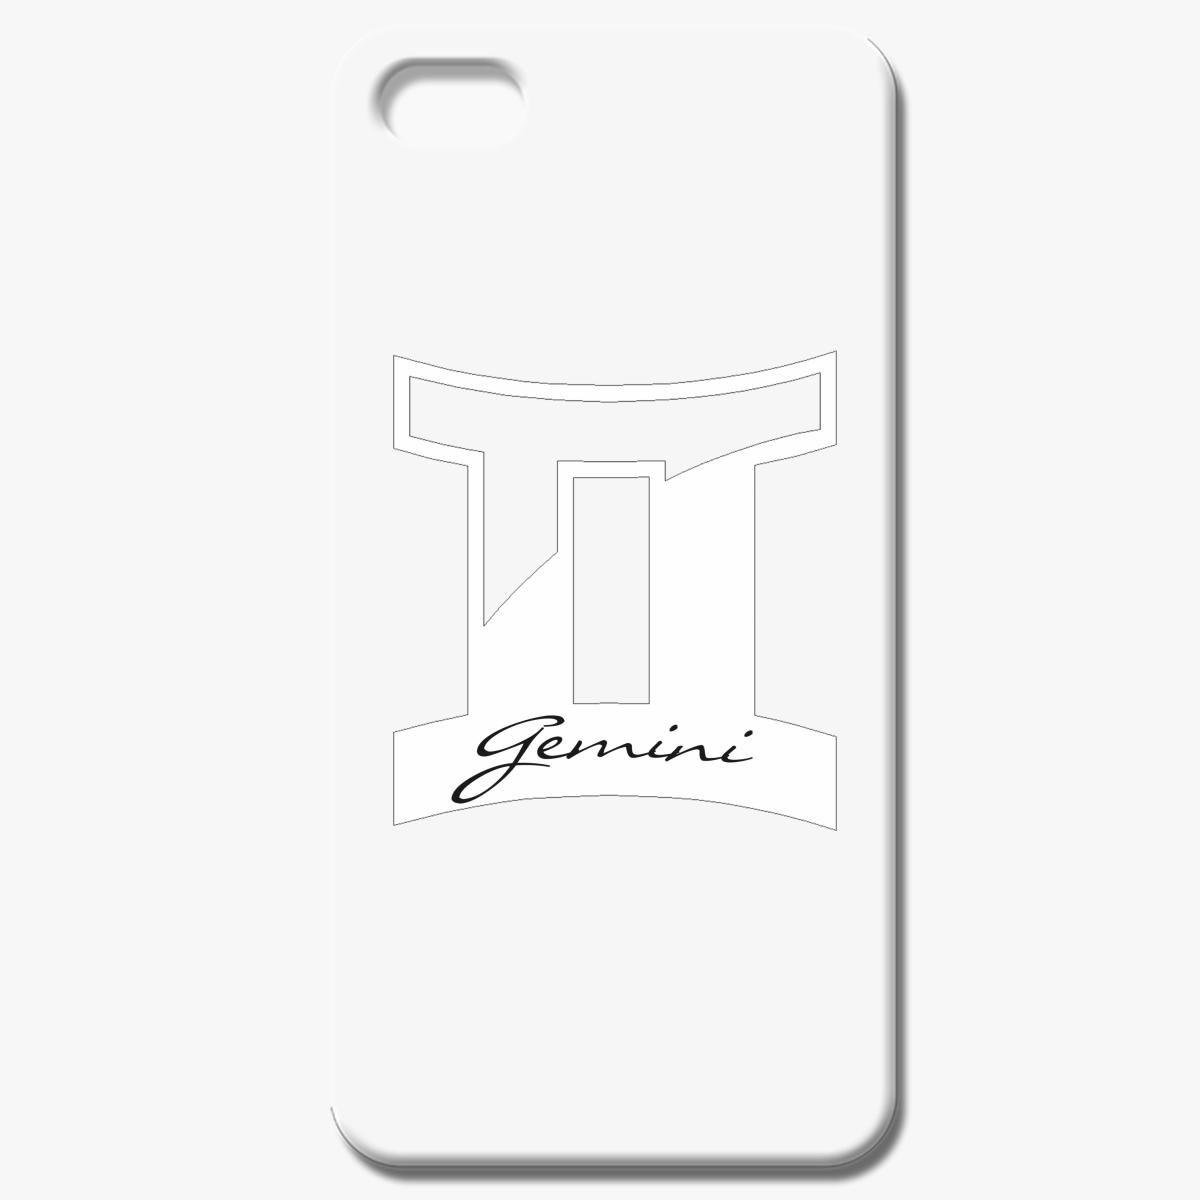 Gemini Iphone 8 Case